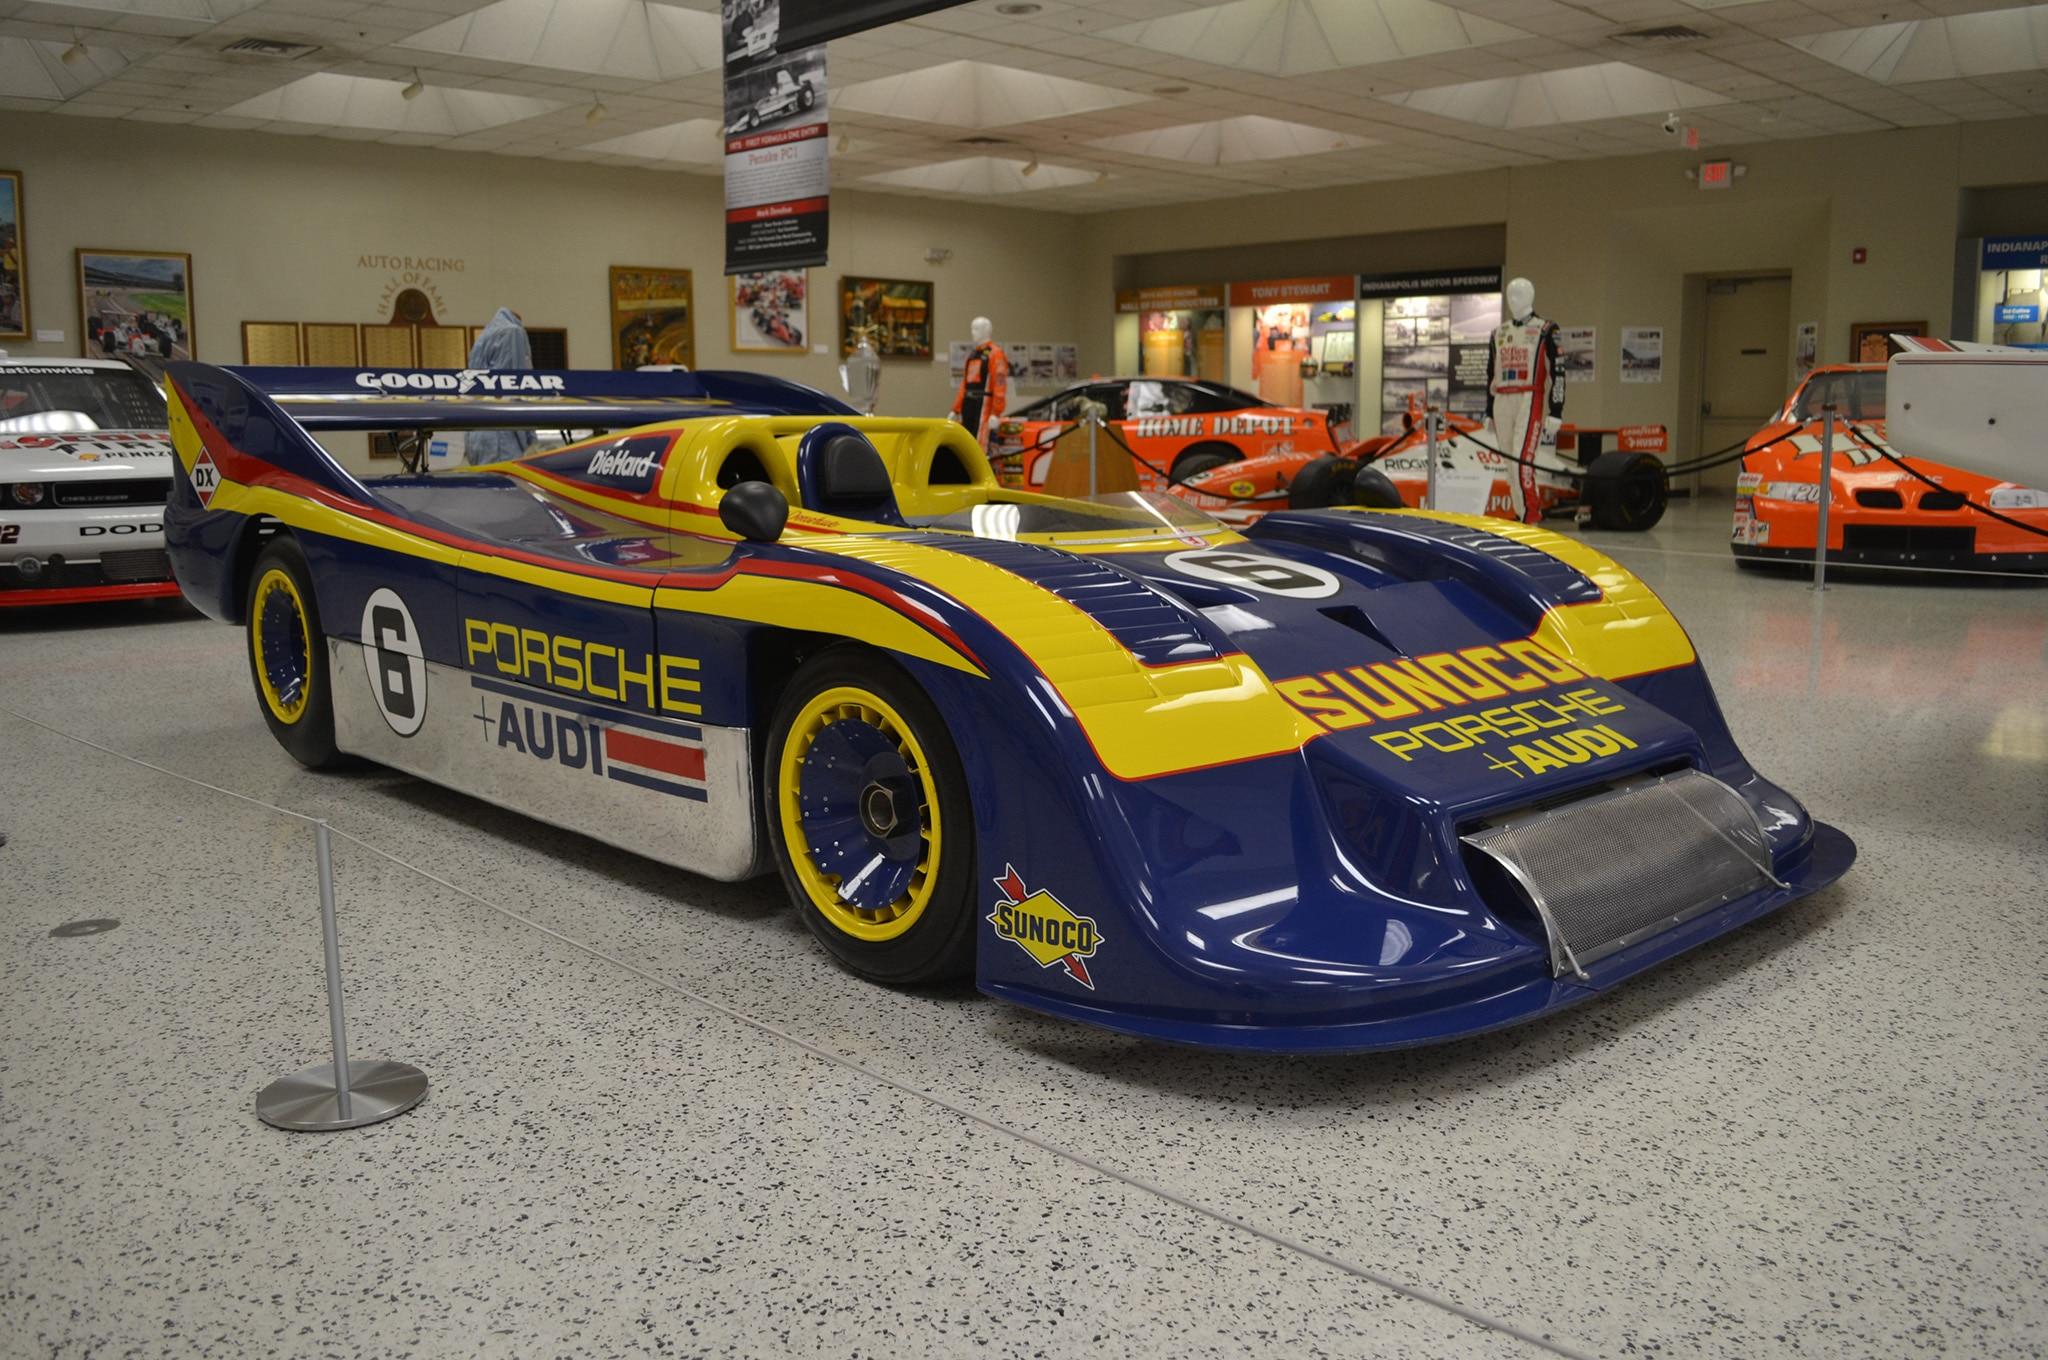 1973 Porsche 917 30 Donohue Indy Motor Speedway Museum